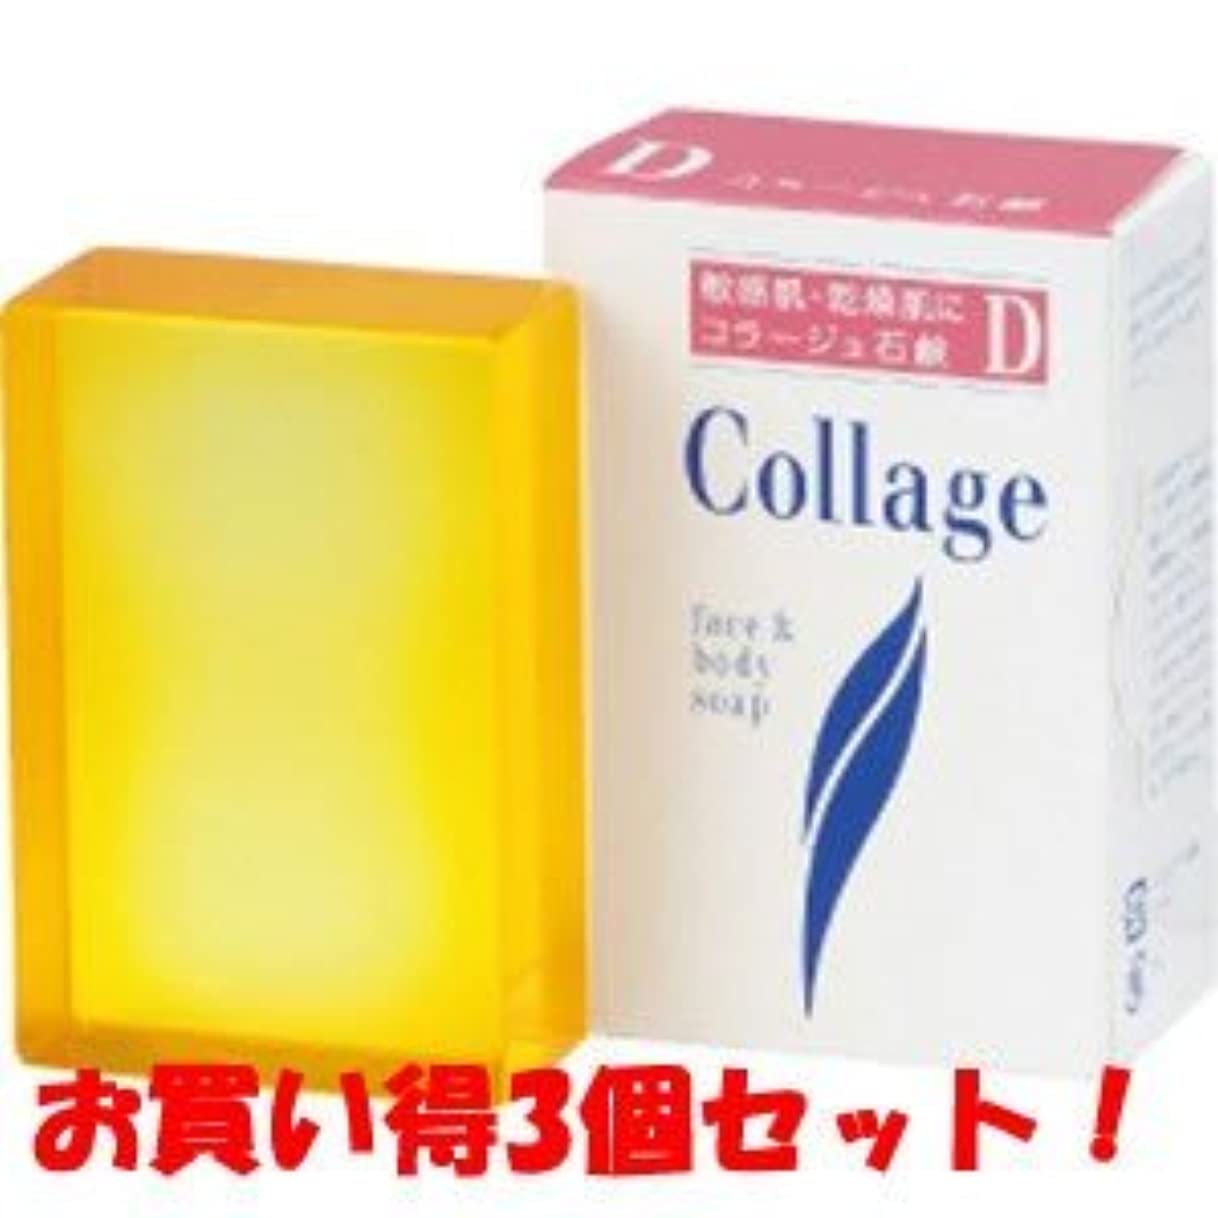 有限まもなく墓(持田ヘルスケア)コラージュD乾性肌用石鹸 100g(お買い得3個セット)